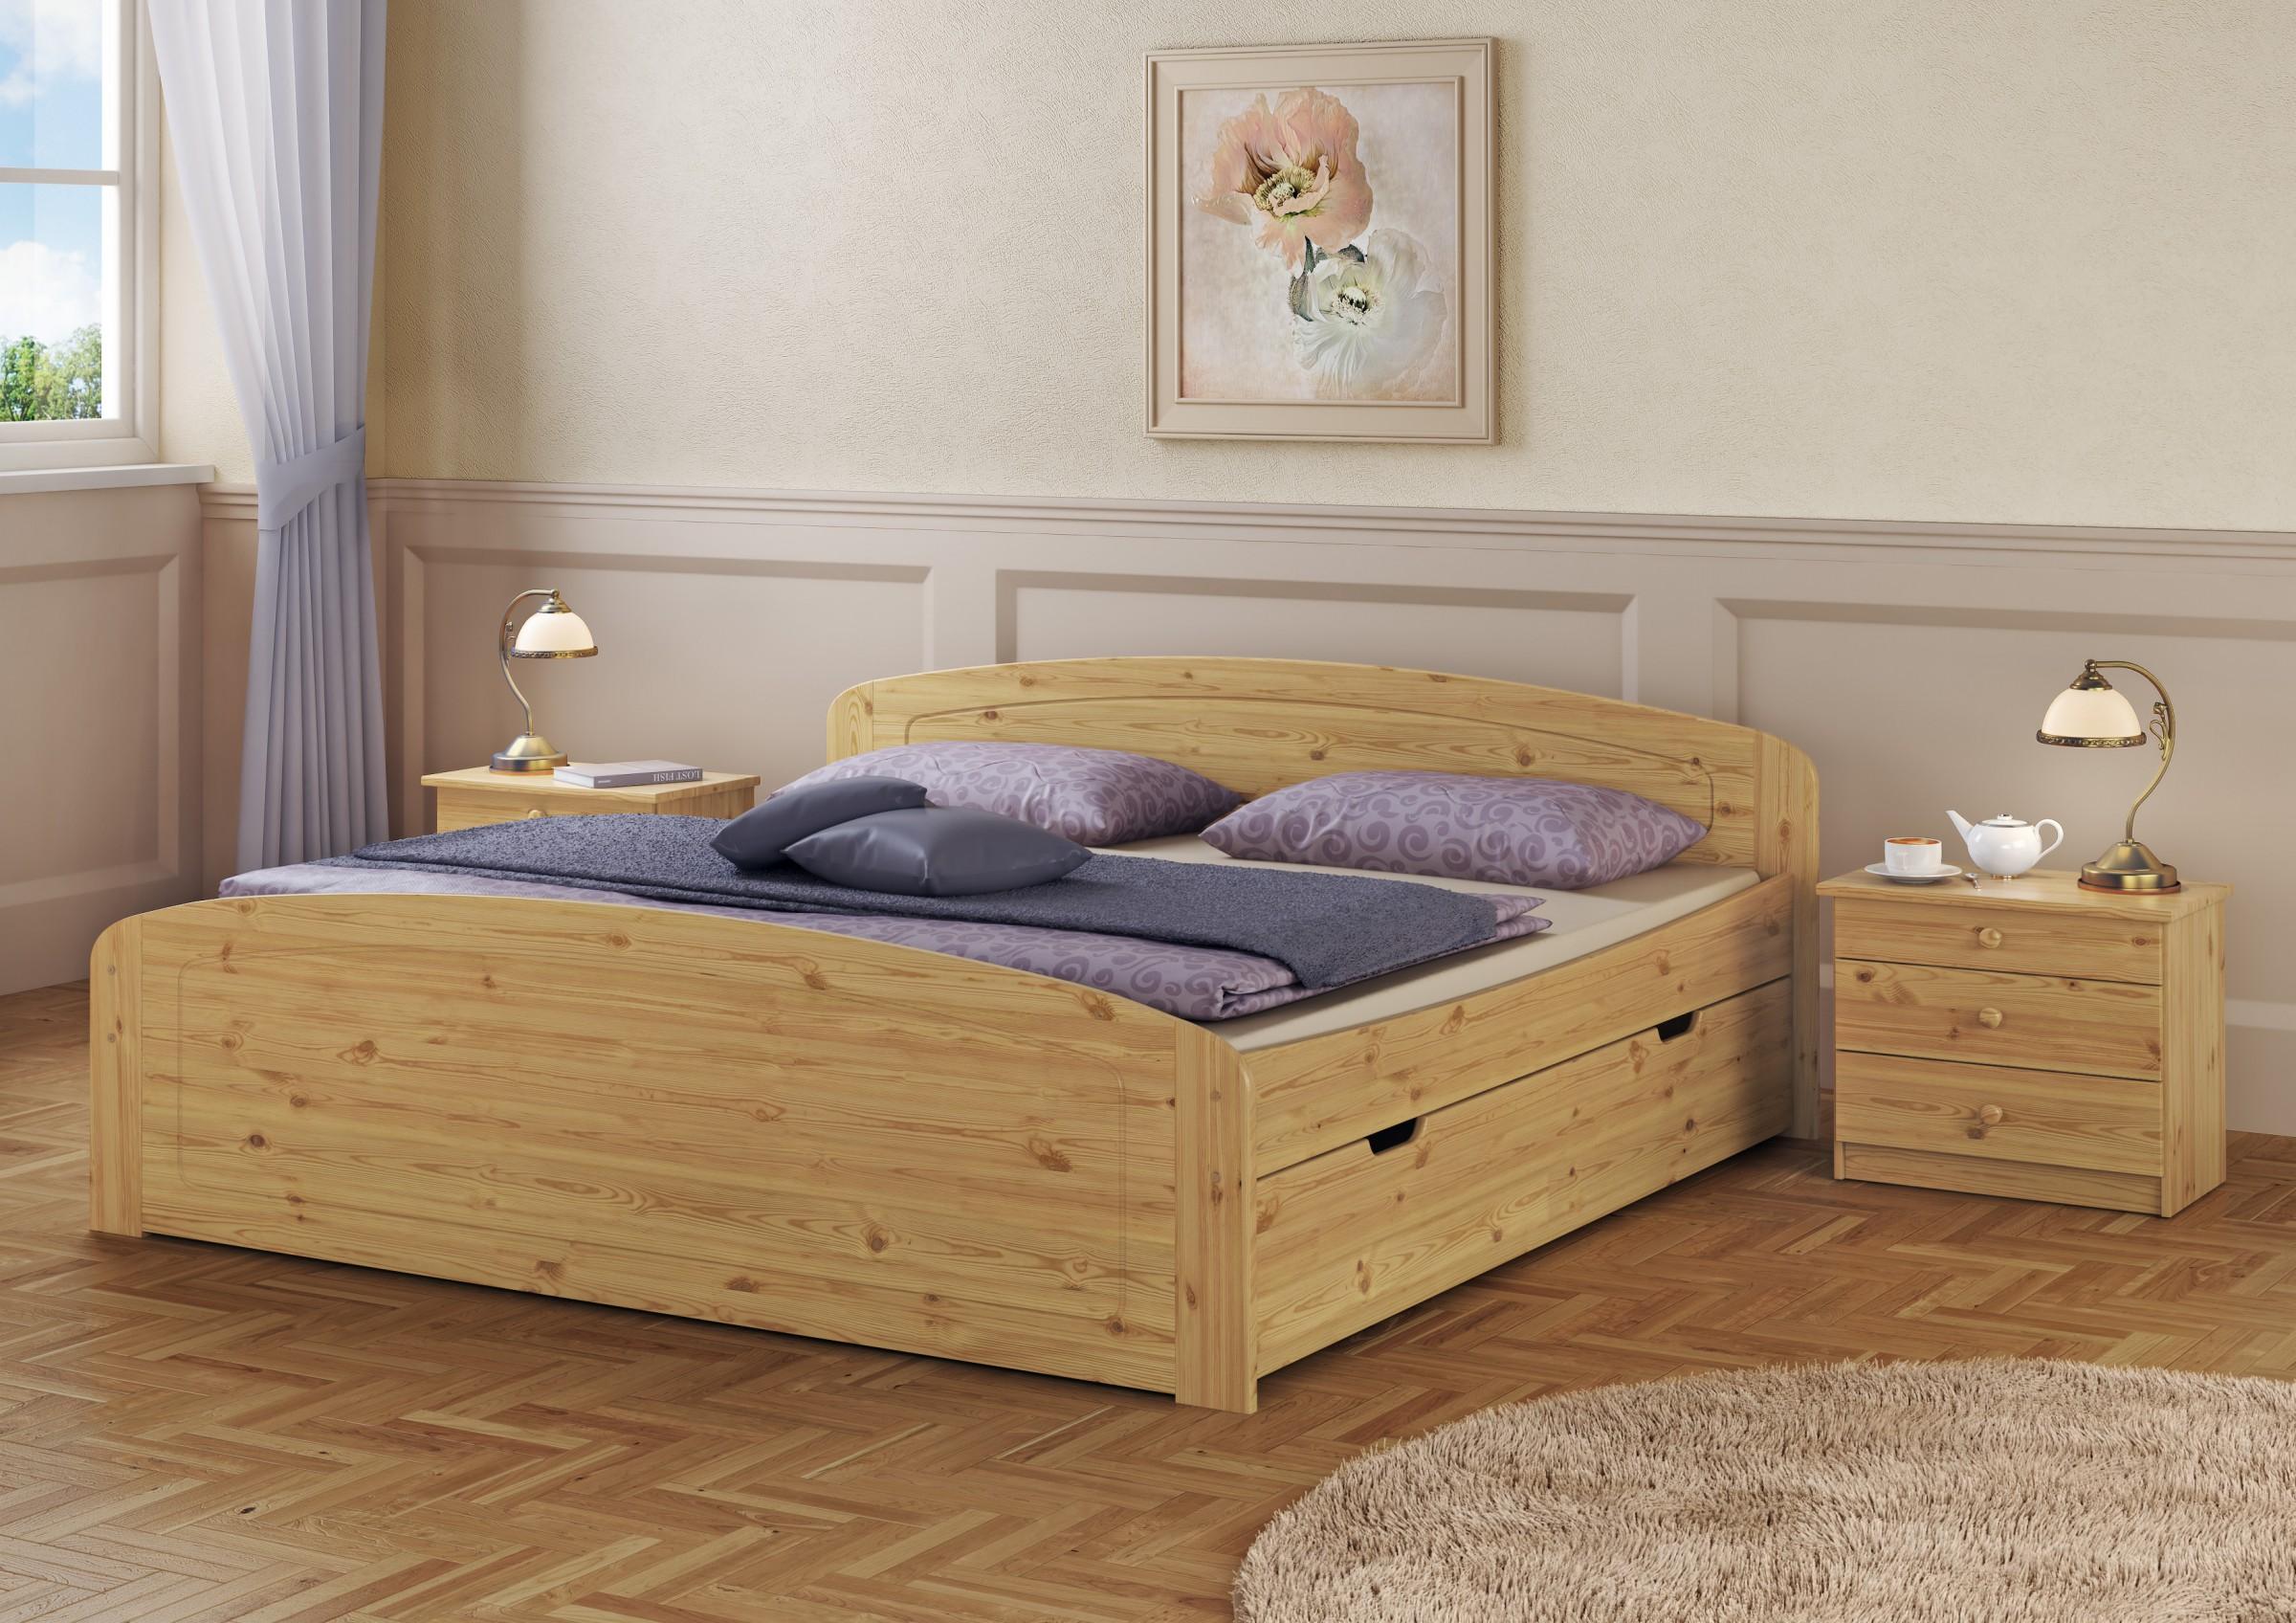 funktionsbett doppelbett 3 bettk sten 140x200. Black Bedroom Furniture Sets. Home Design Ideas